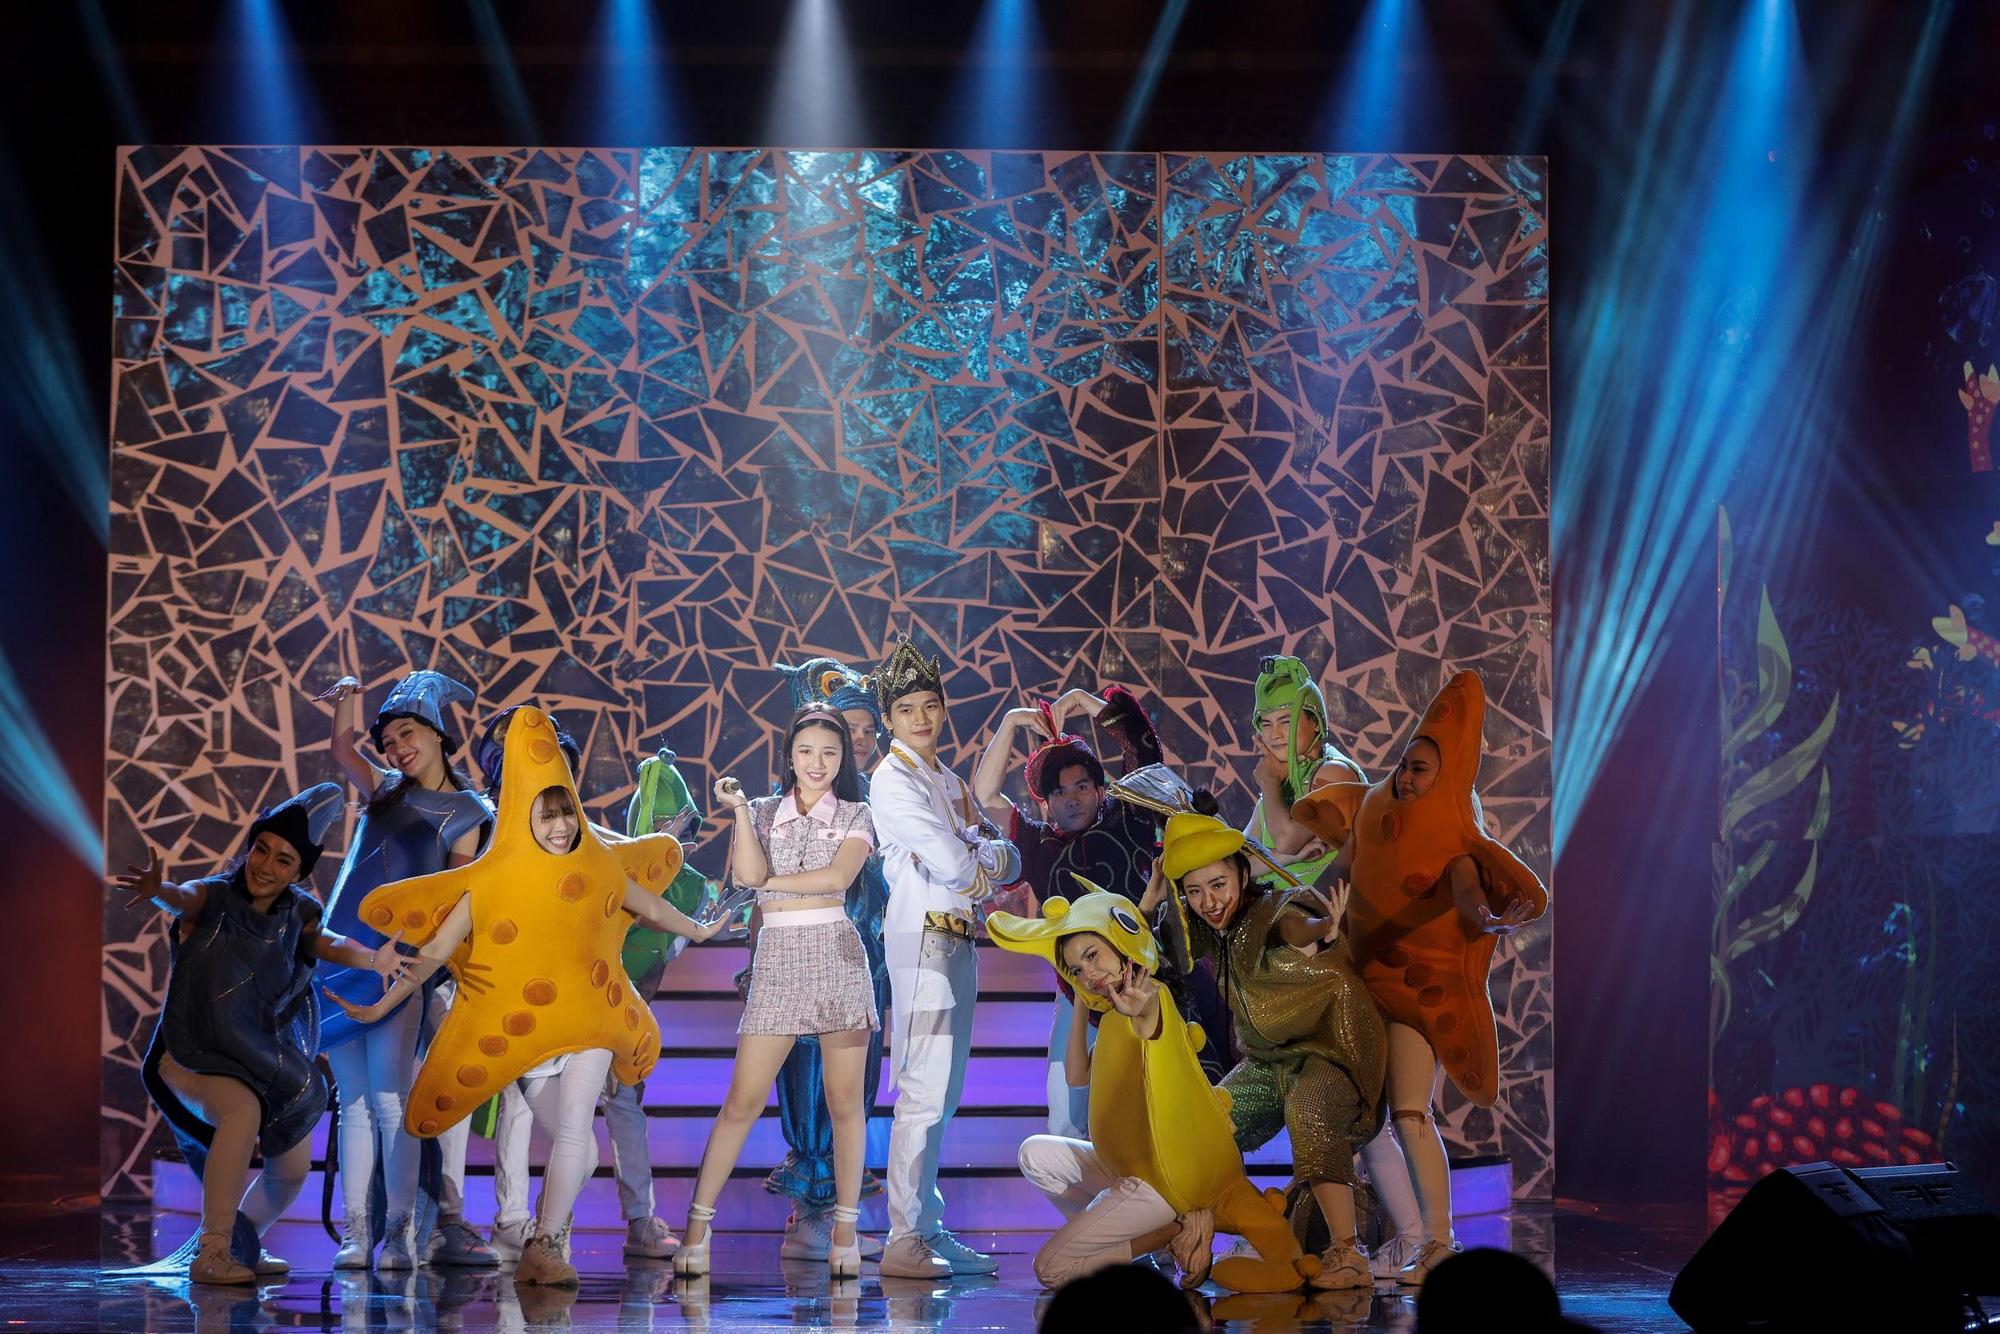 Loạt ảnh mới nhất xinh lung linh của Đông Nhi, Noo Phước Thịnh khiến khán giả trầm trồ trong đêm Gala Secret Concert – Chill Cùng Acecook - Ảnh 4.